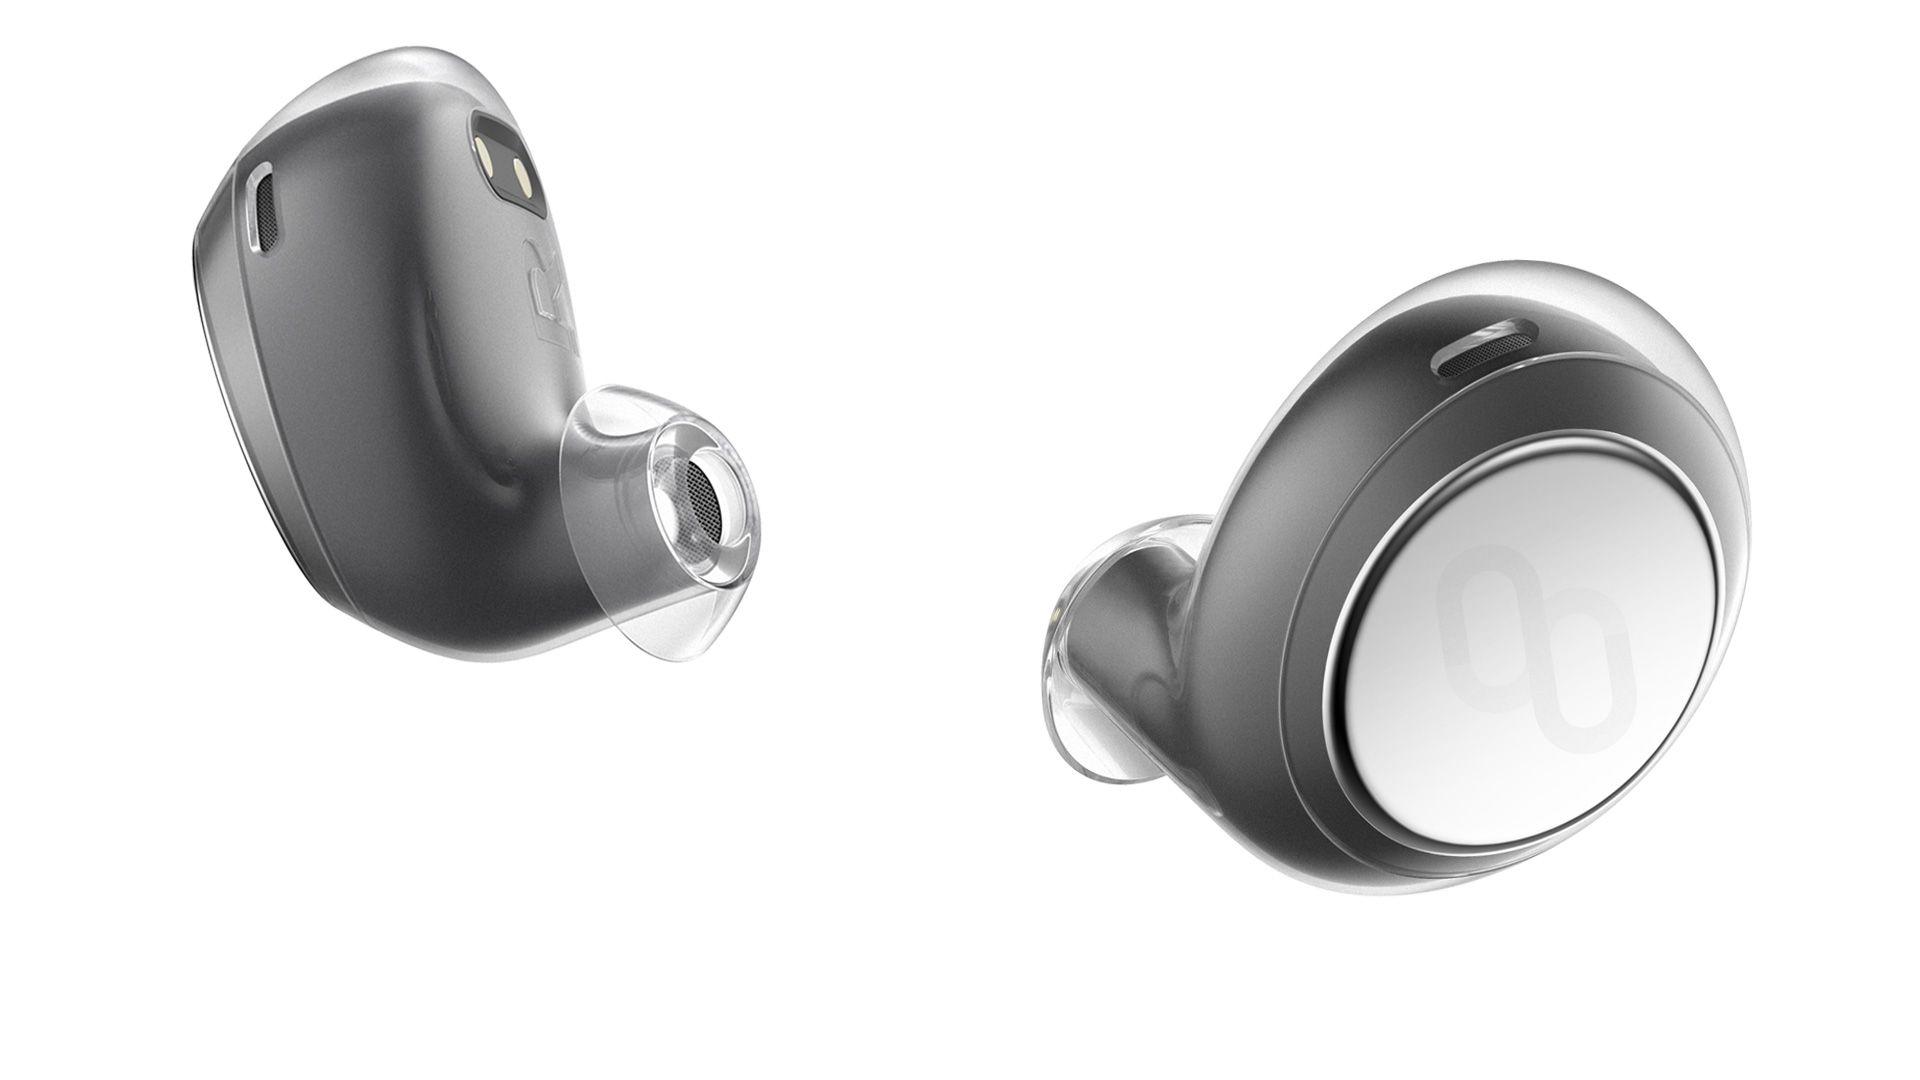 Mymanu true wireless earphones wireless earbuds with